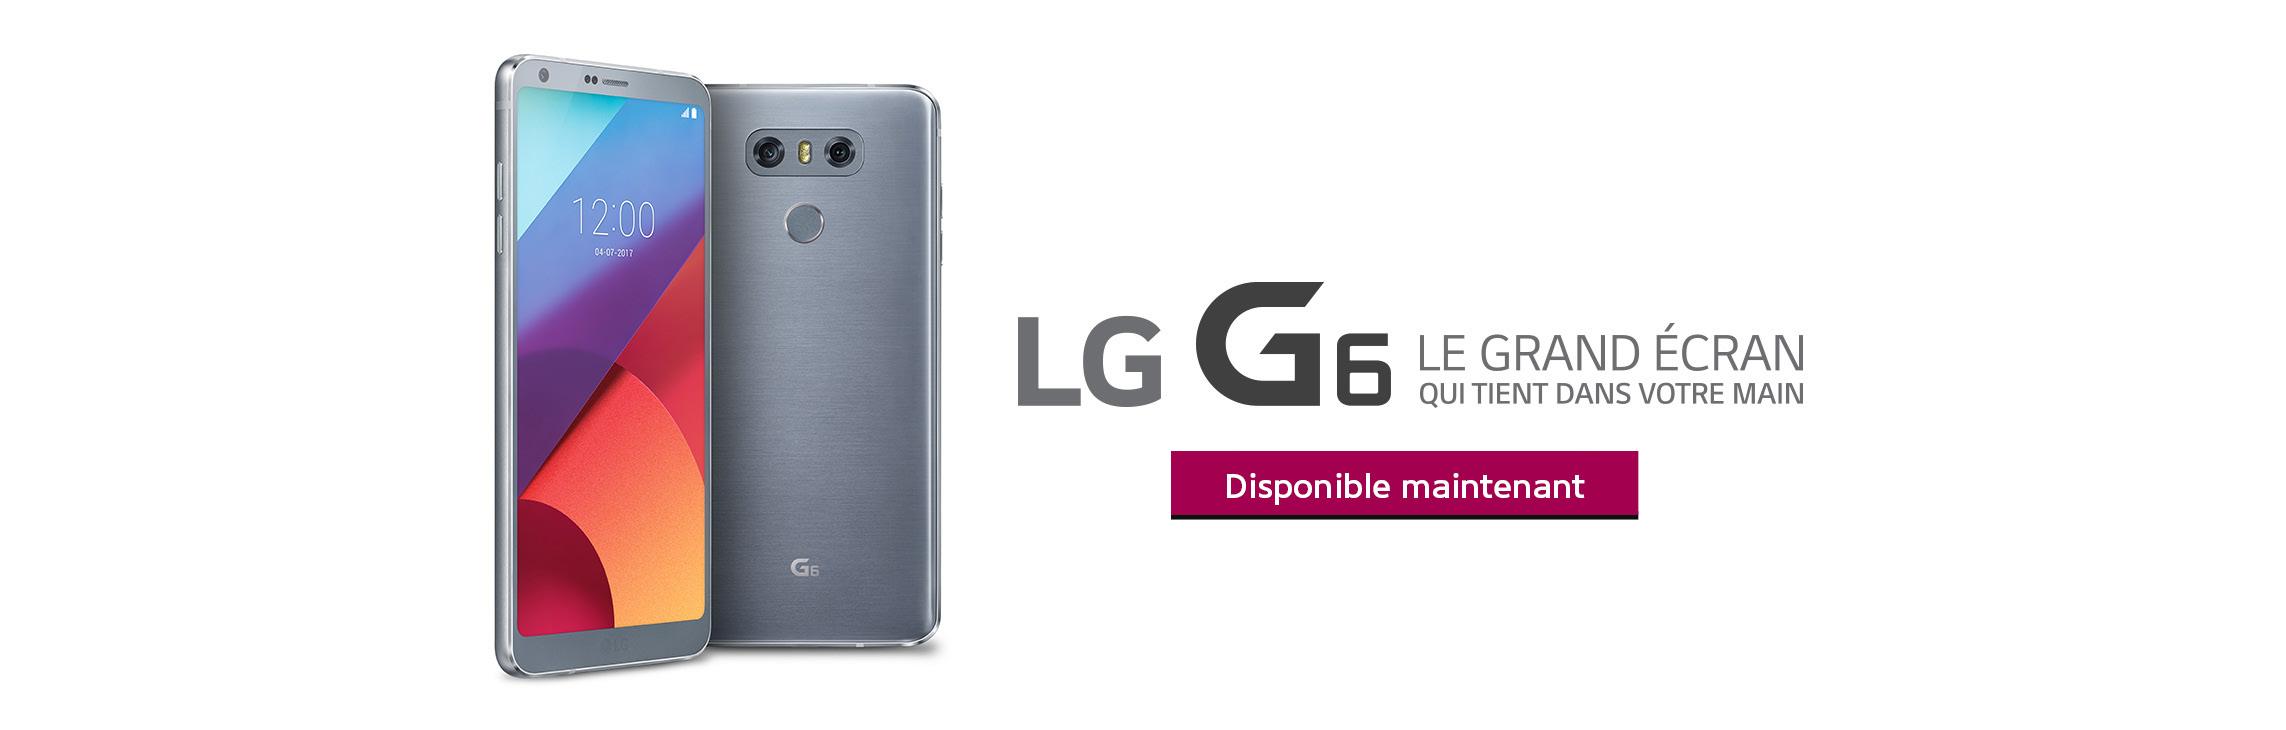 LG G6 - Le grand écran qui se tient dans une main. Maintenant disponible!